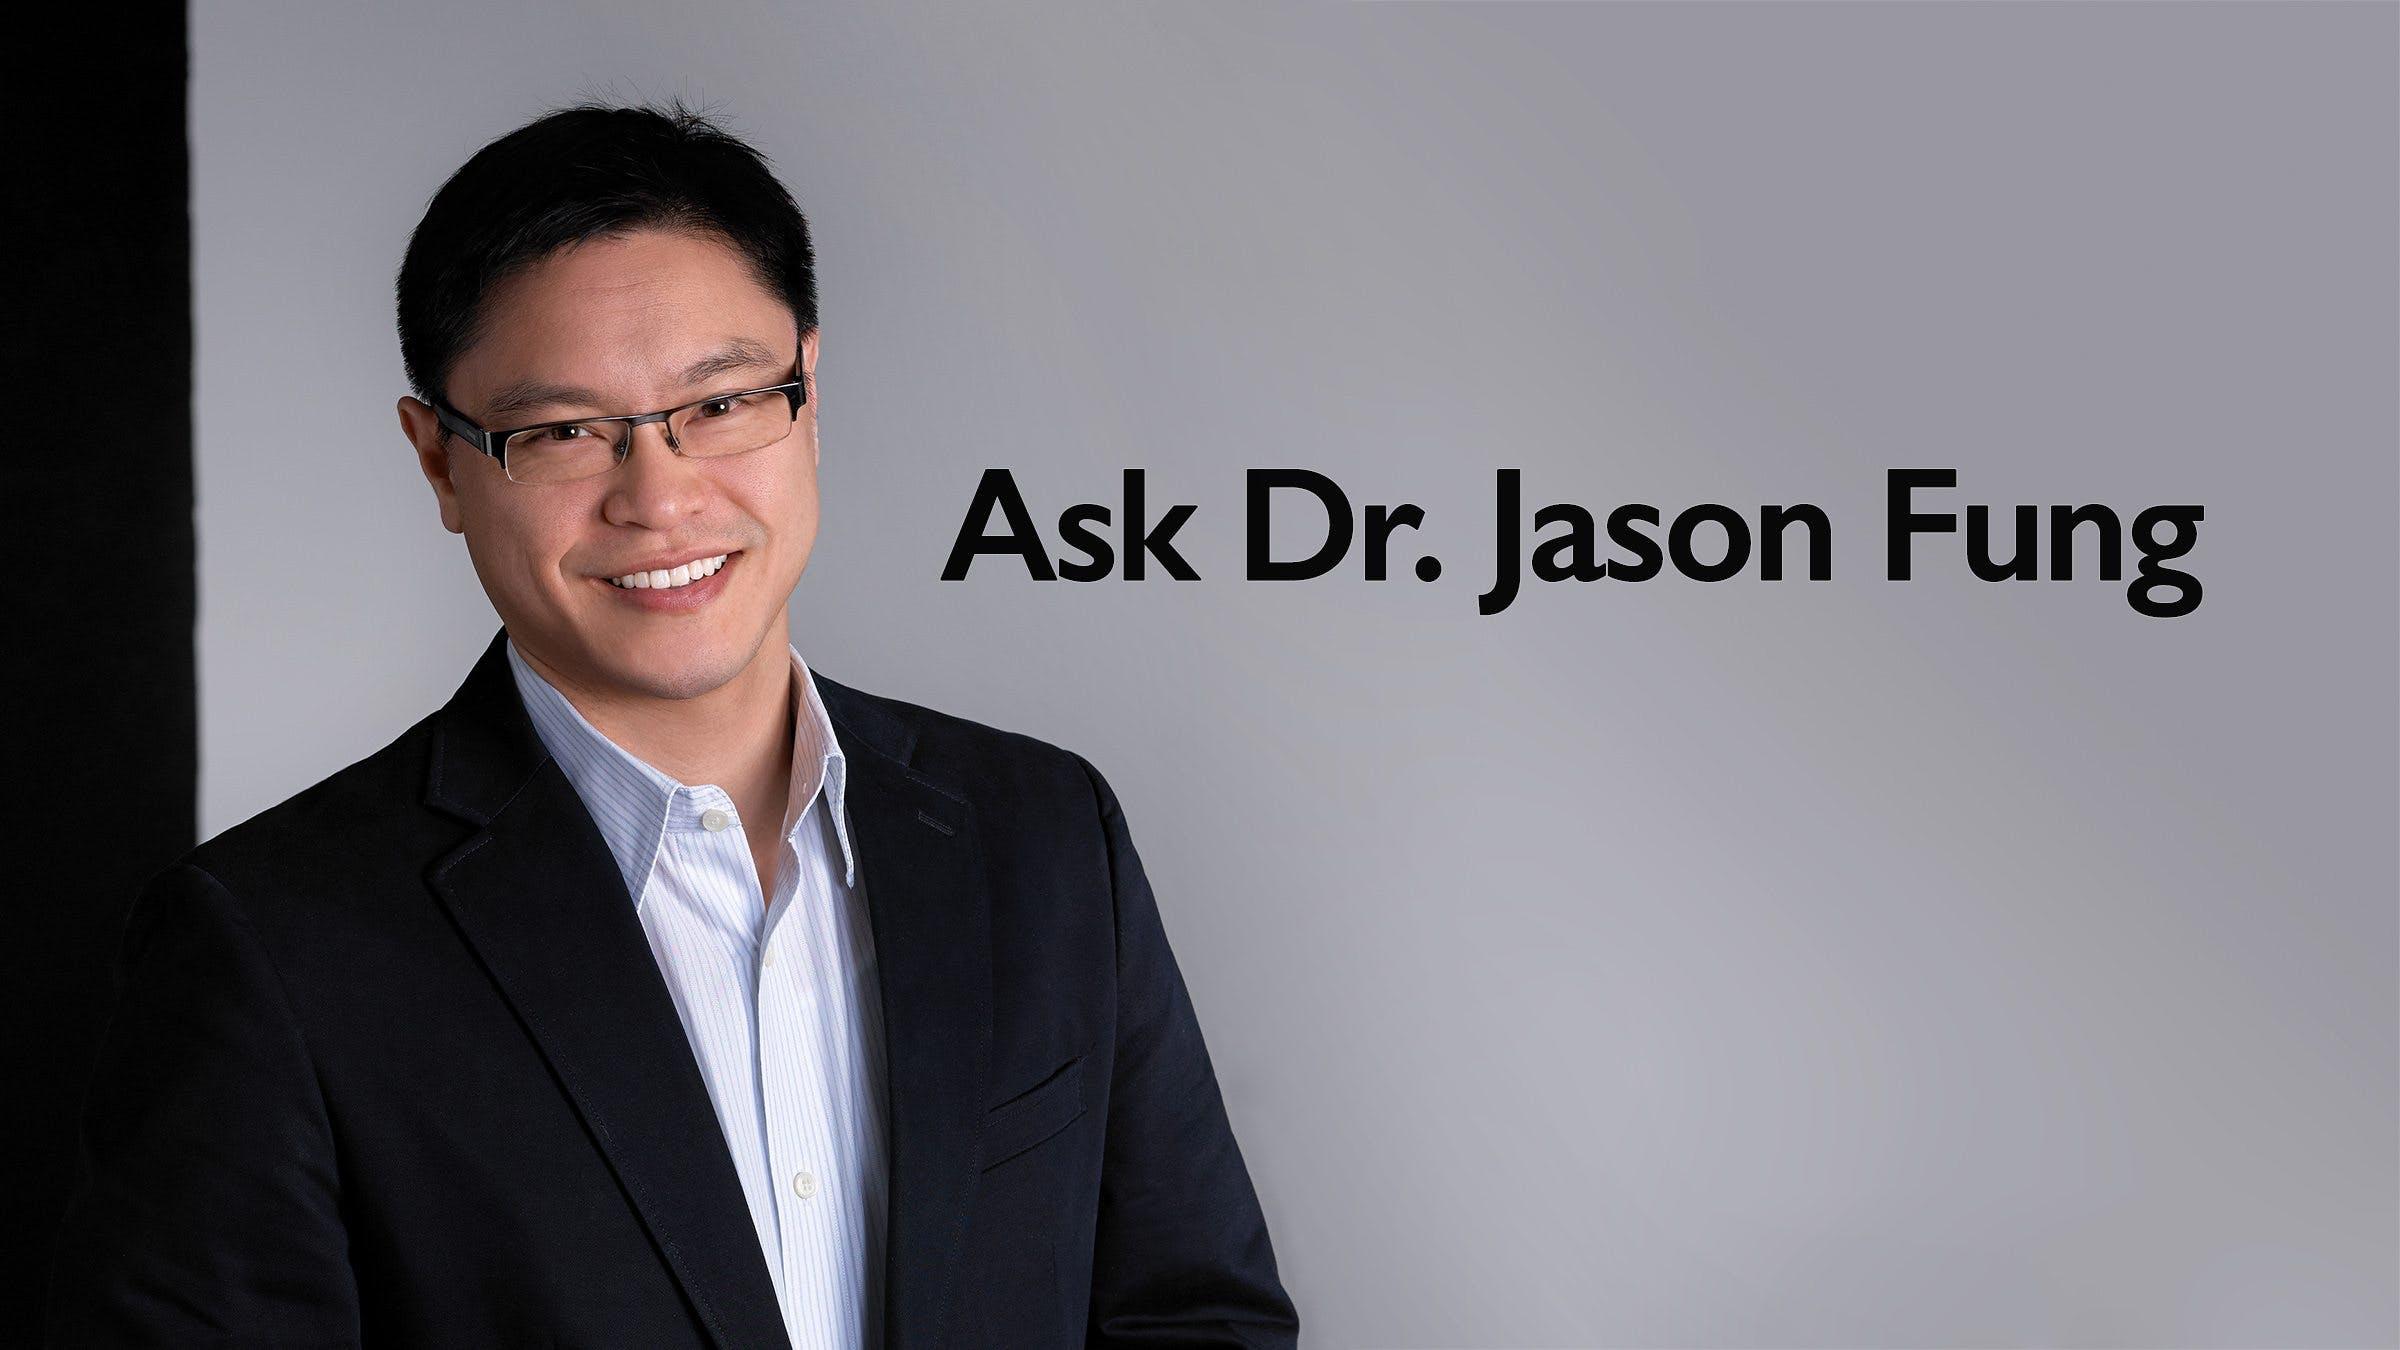 Demandez au Dr Jason Fung